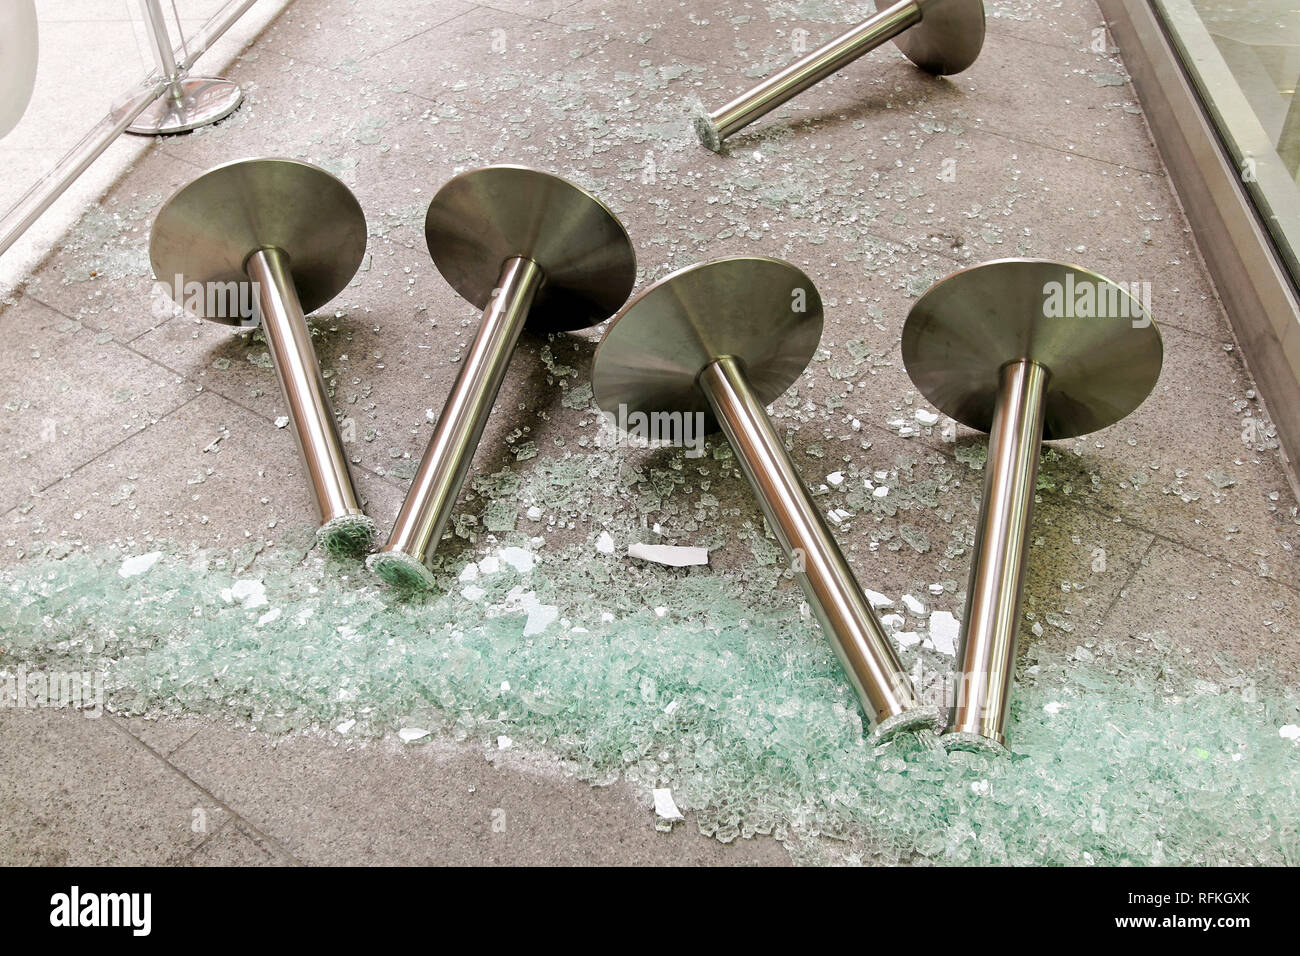 Pile of broken glass after destruction damage - Stock Image